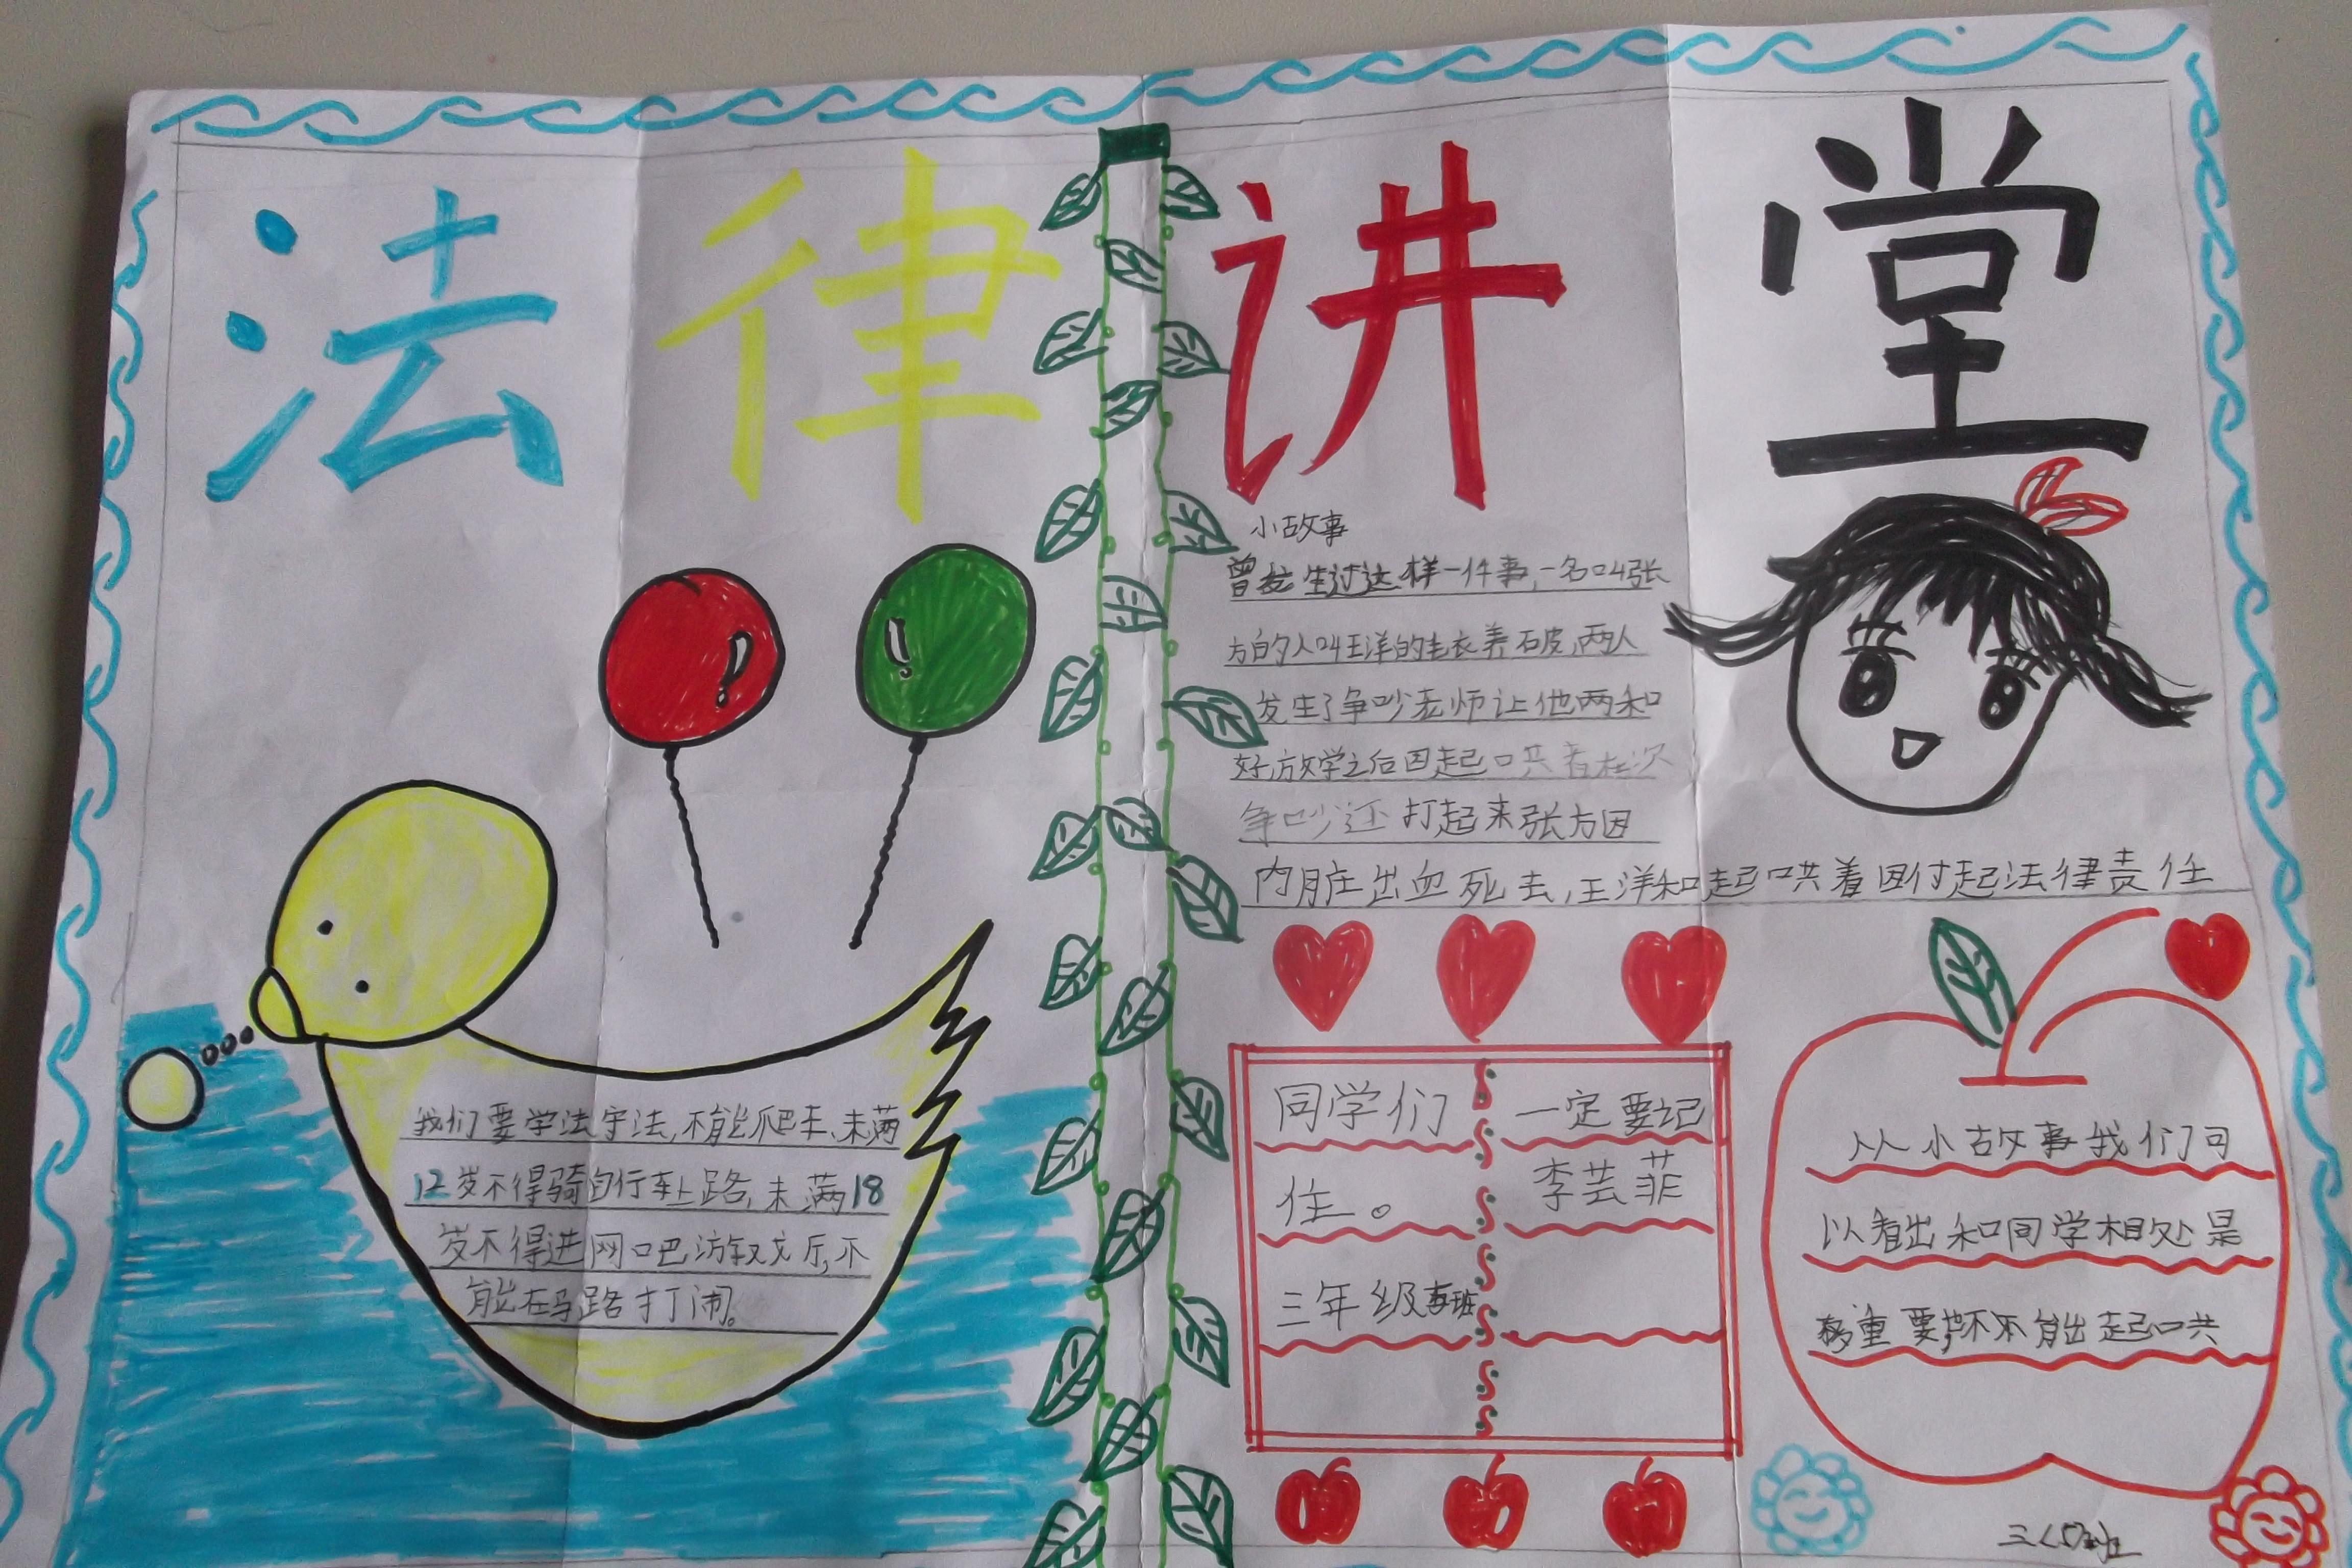 和静县第五小学开展法制宣传手抄报活动